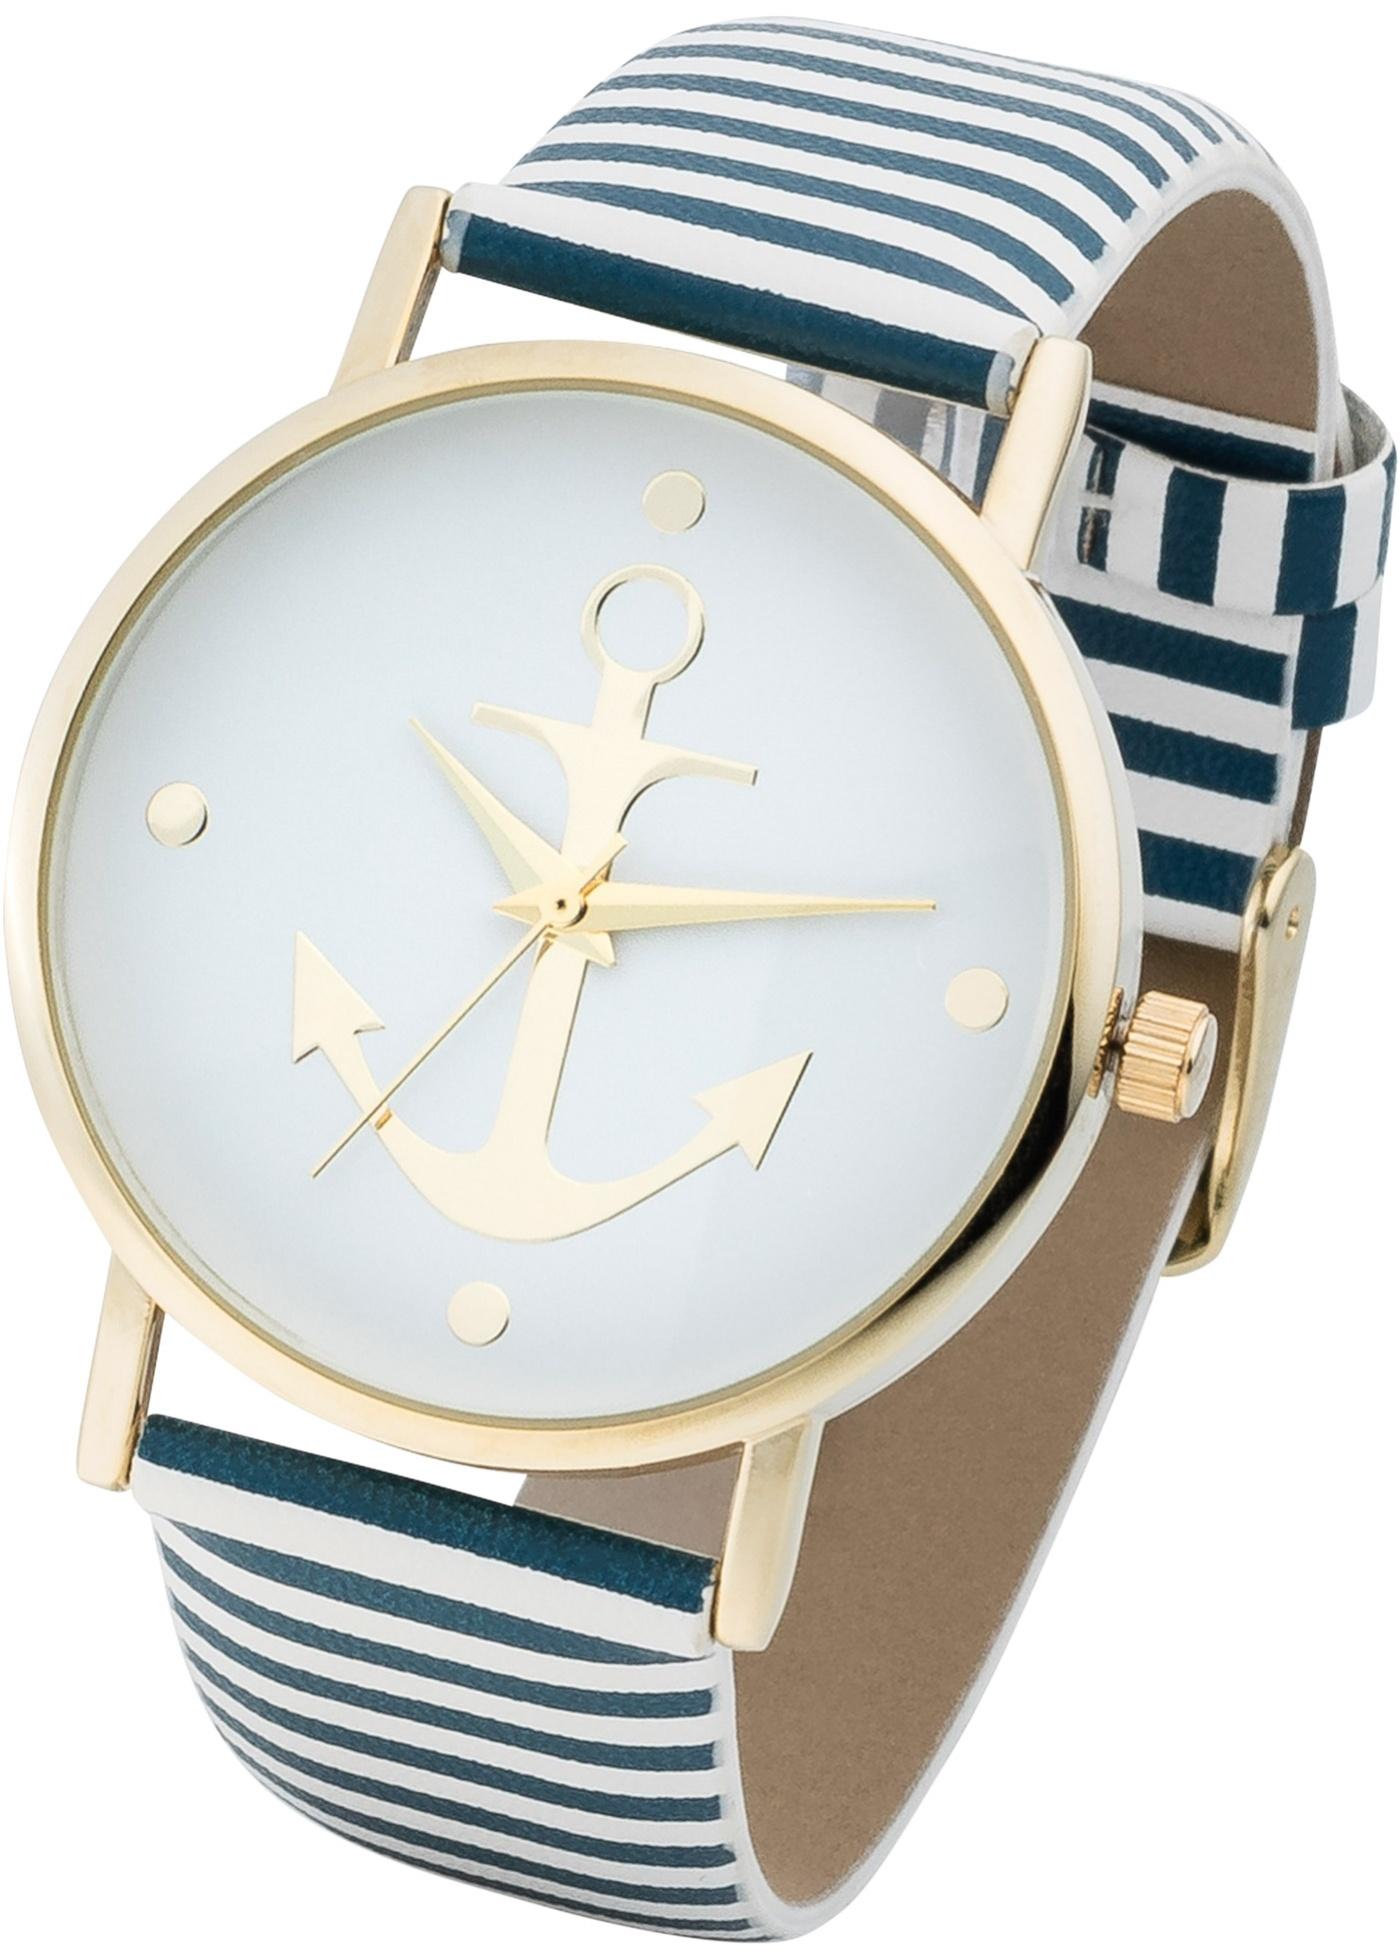 """Une magnifique montre au look marin. Cadran orné d""""un motif ancre. Prix comprenant éco-participation (F)=0,01€ ou recupel (B) =0,05€."""